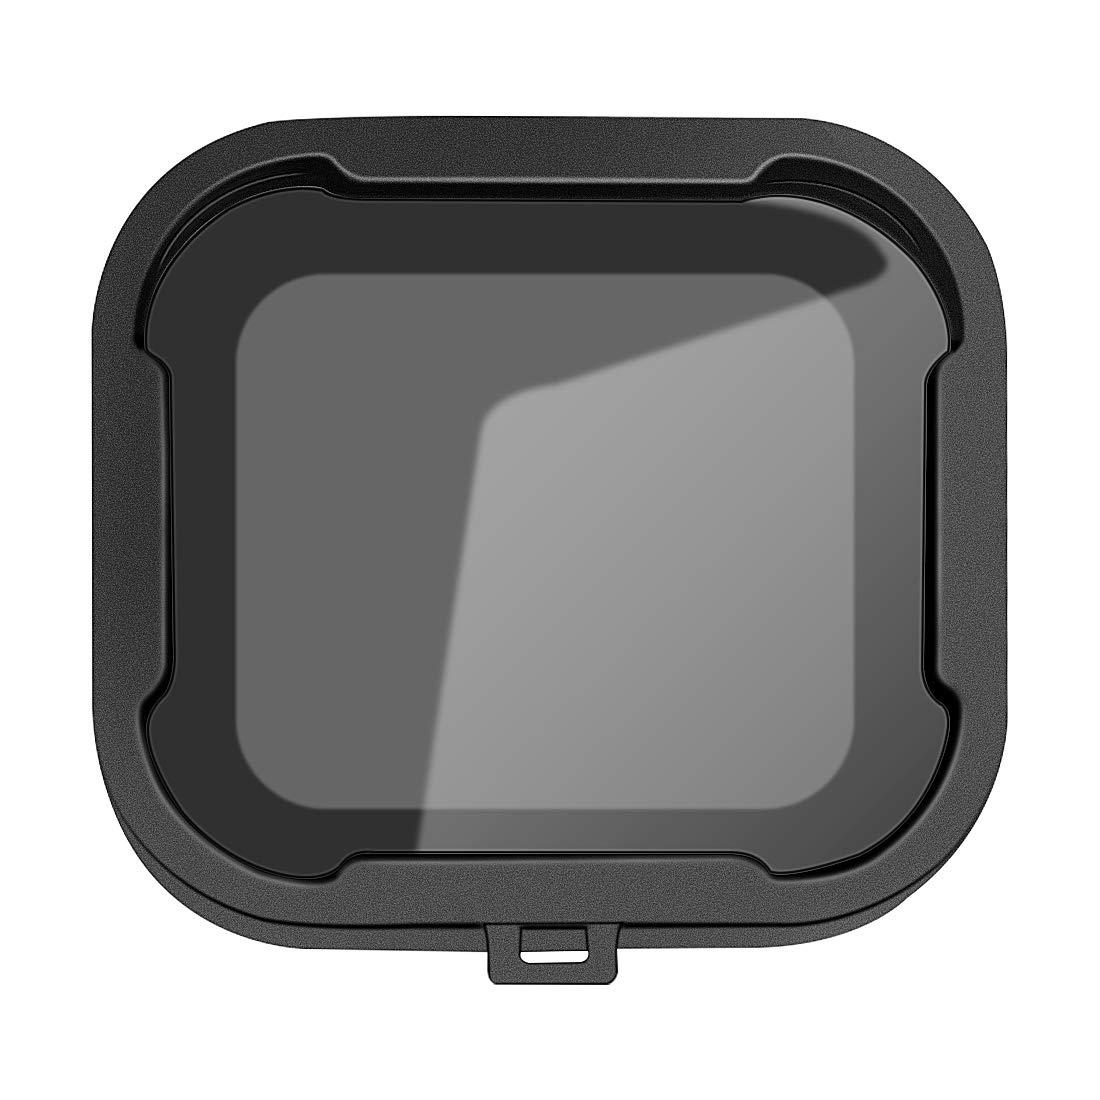 FILTRO de COLORES objetivo camara GoPro Hero 3 accesorios buceo lente playa mar